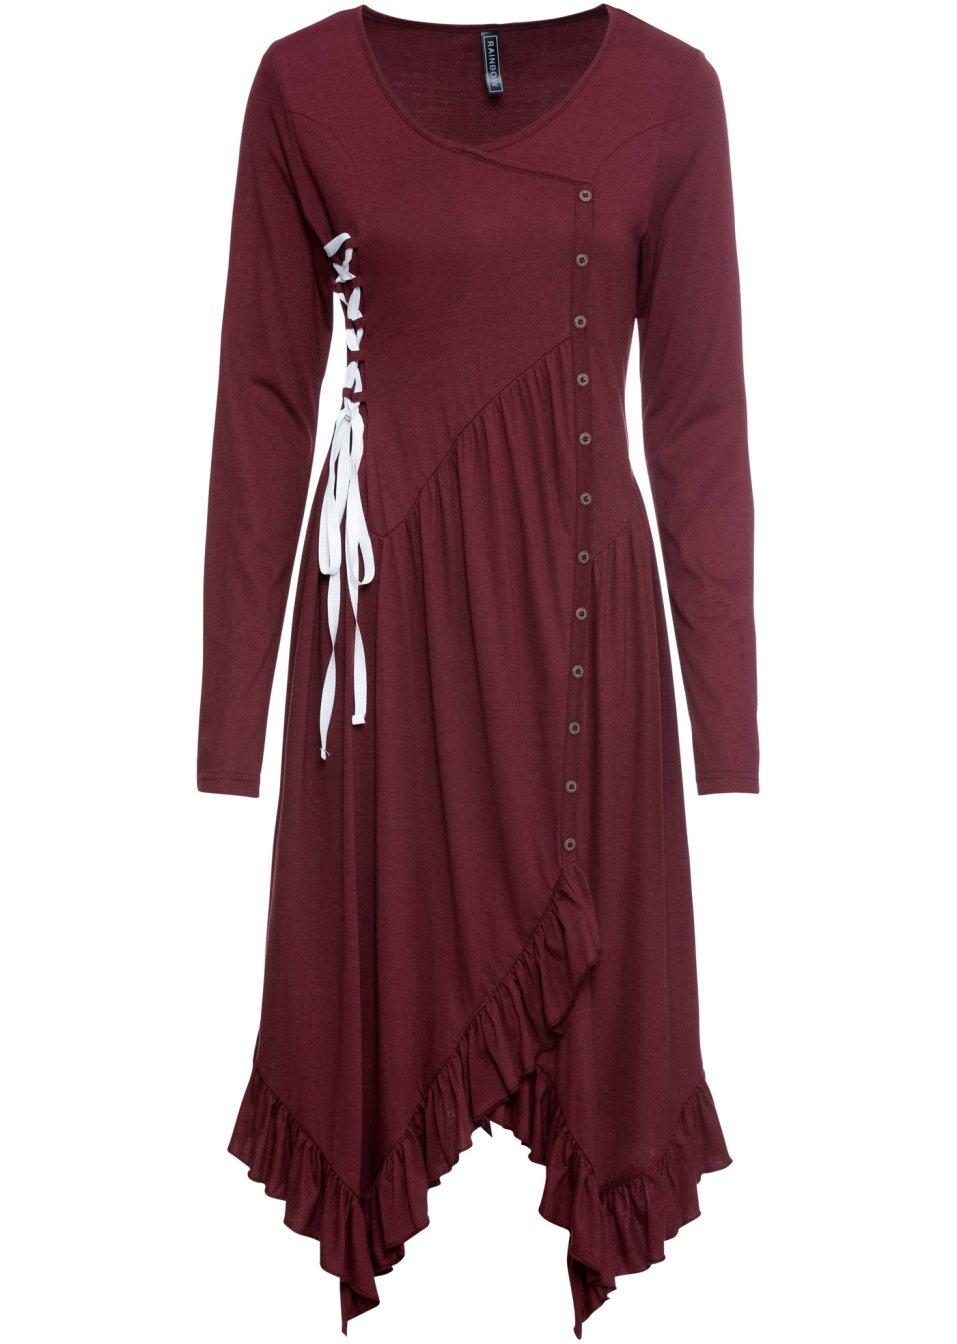 Kleid mit Schnürung ahornrot/weiß - RAINBOW online bestellen - bonprix.de 1YRBo 5Zfji